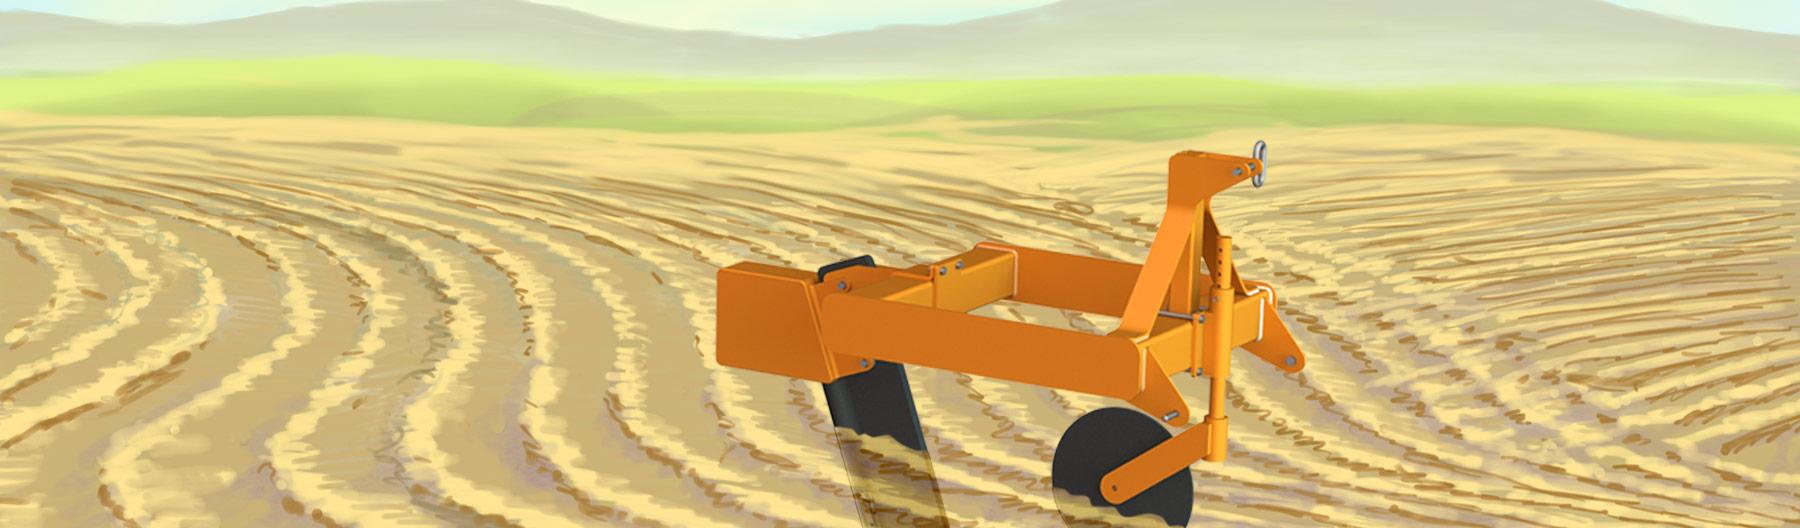 Smart connected nitrogen soil sampling system